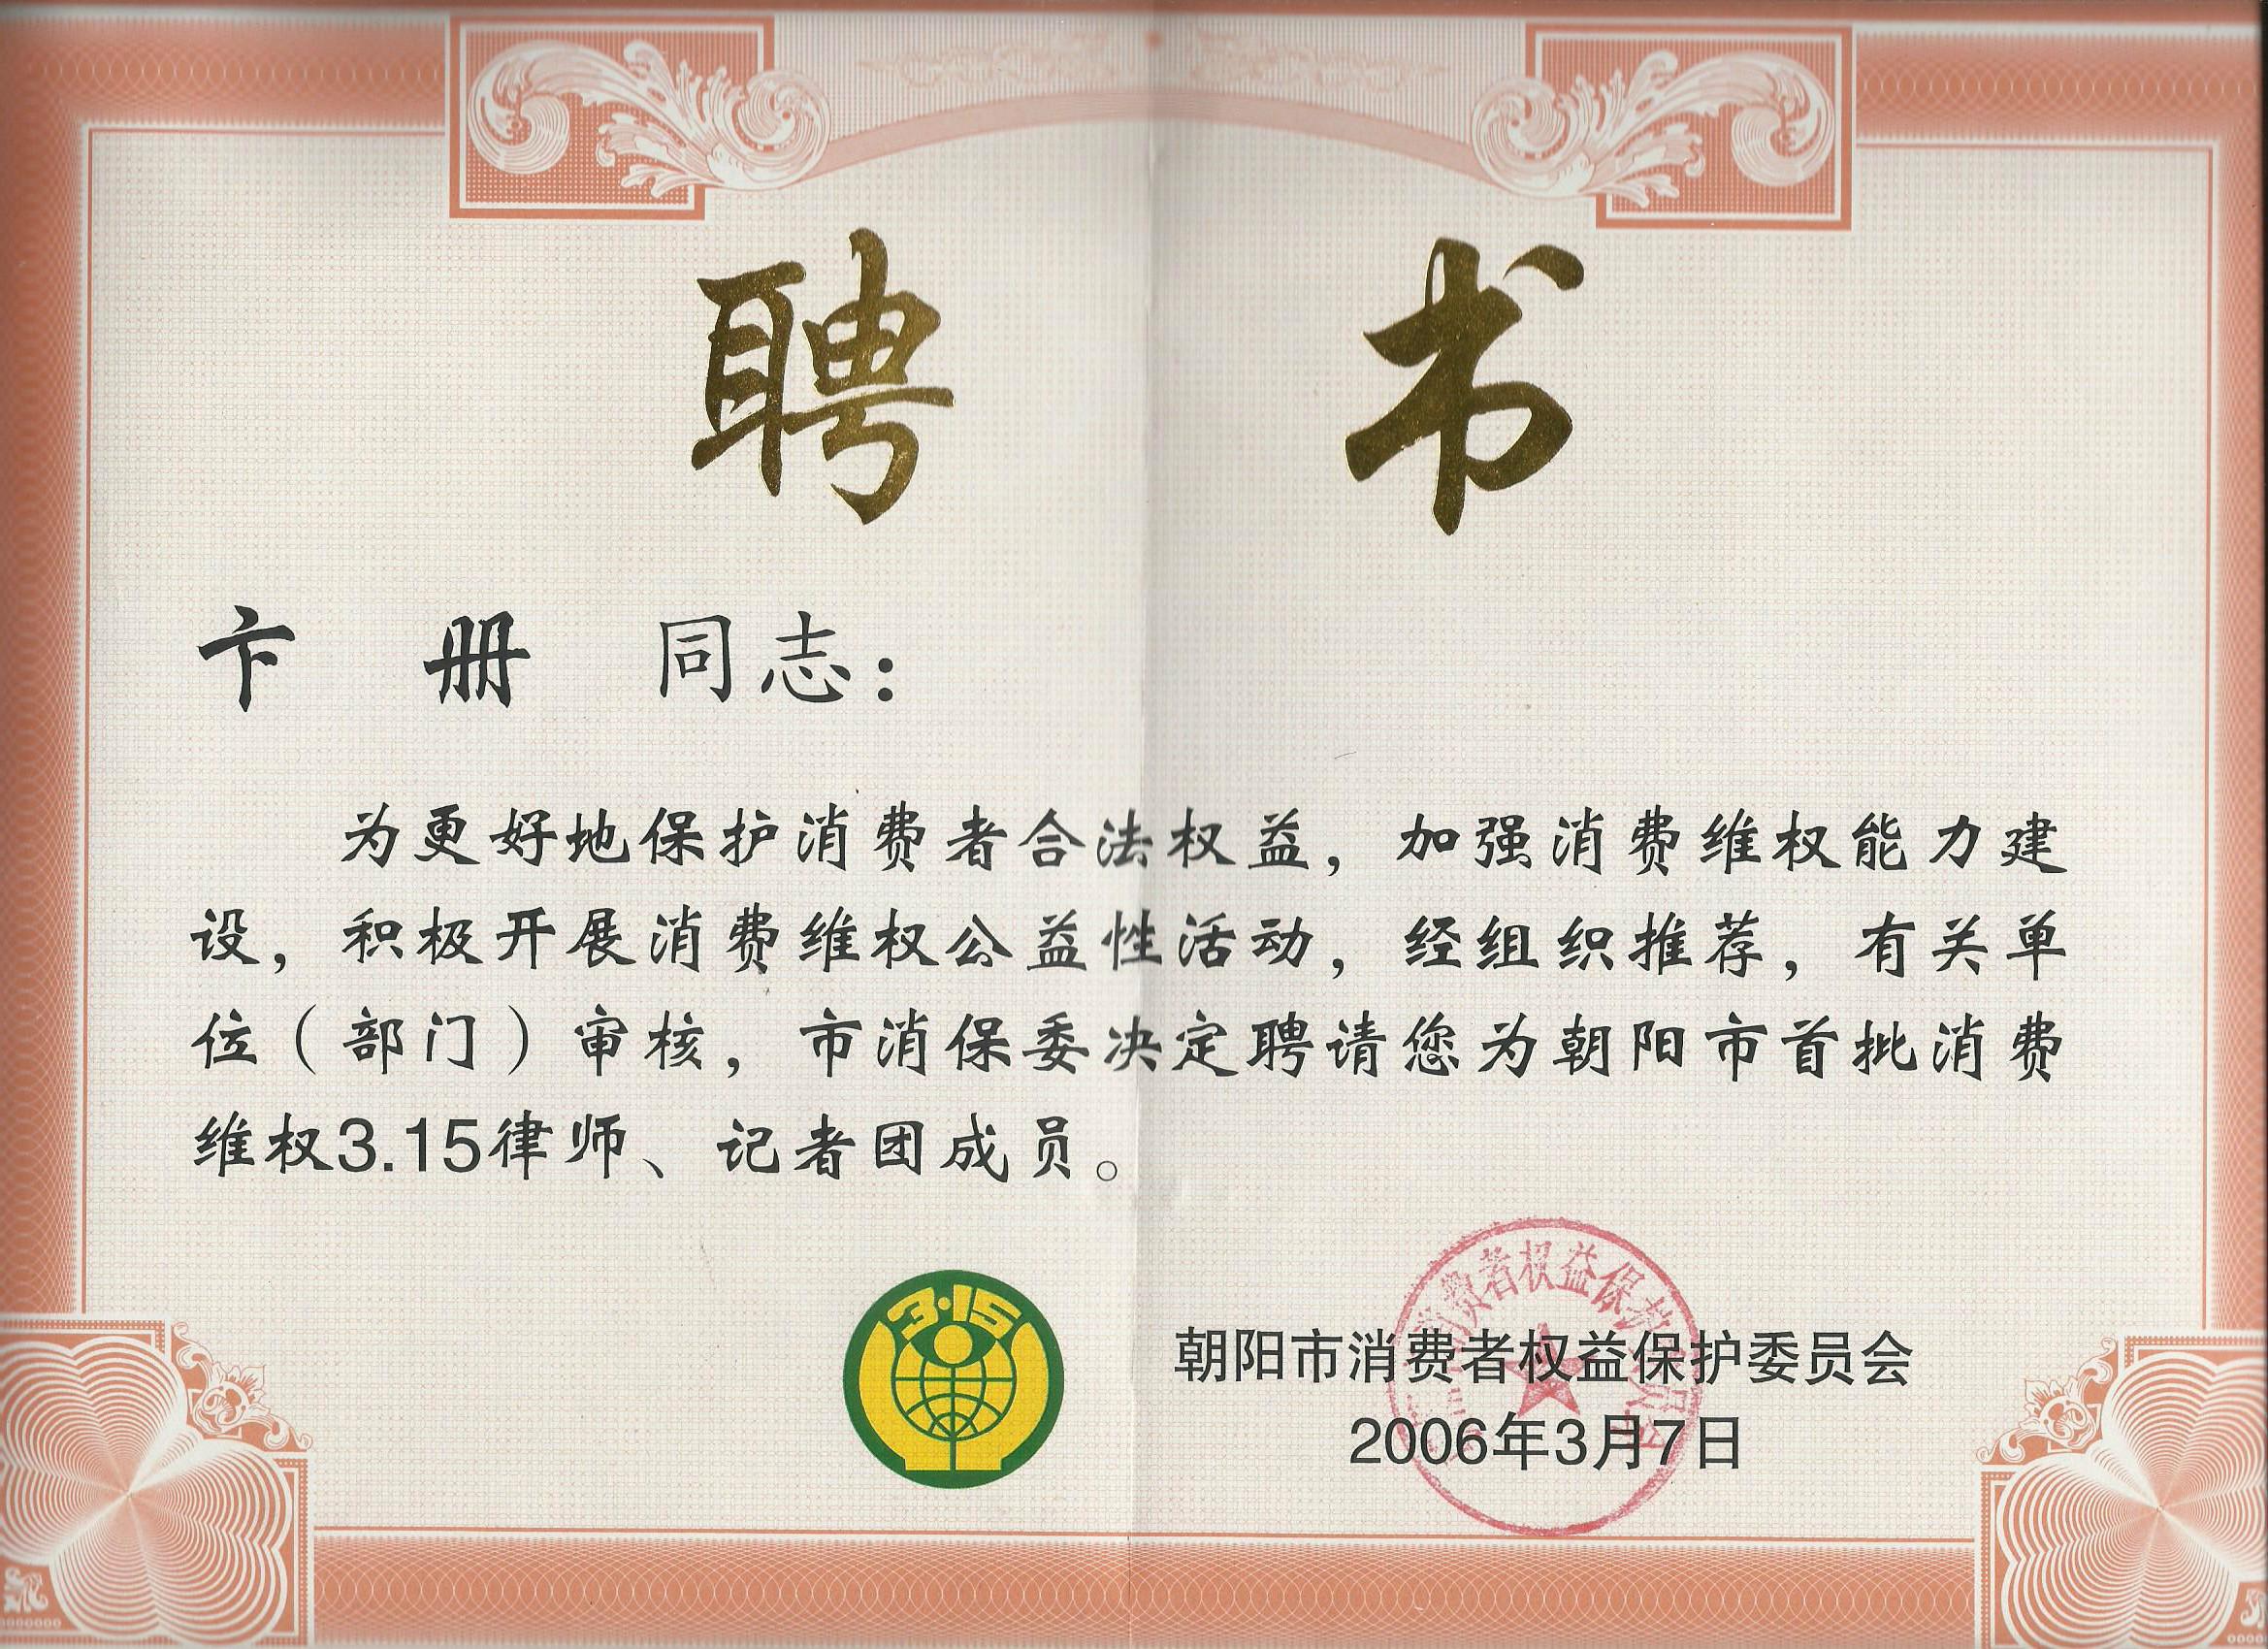 朝阳市首批消费维权315律师、记者团成员